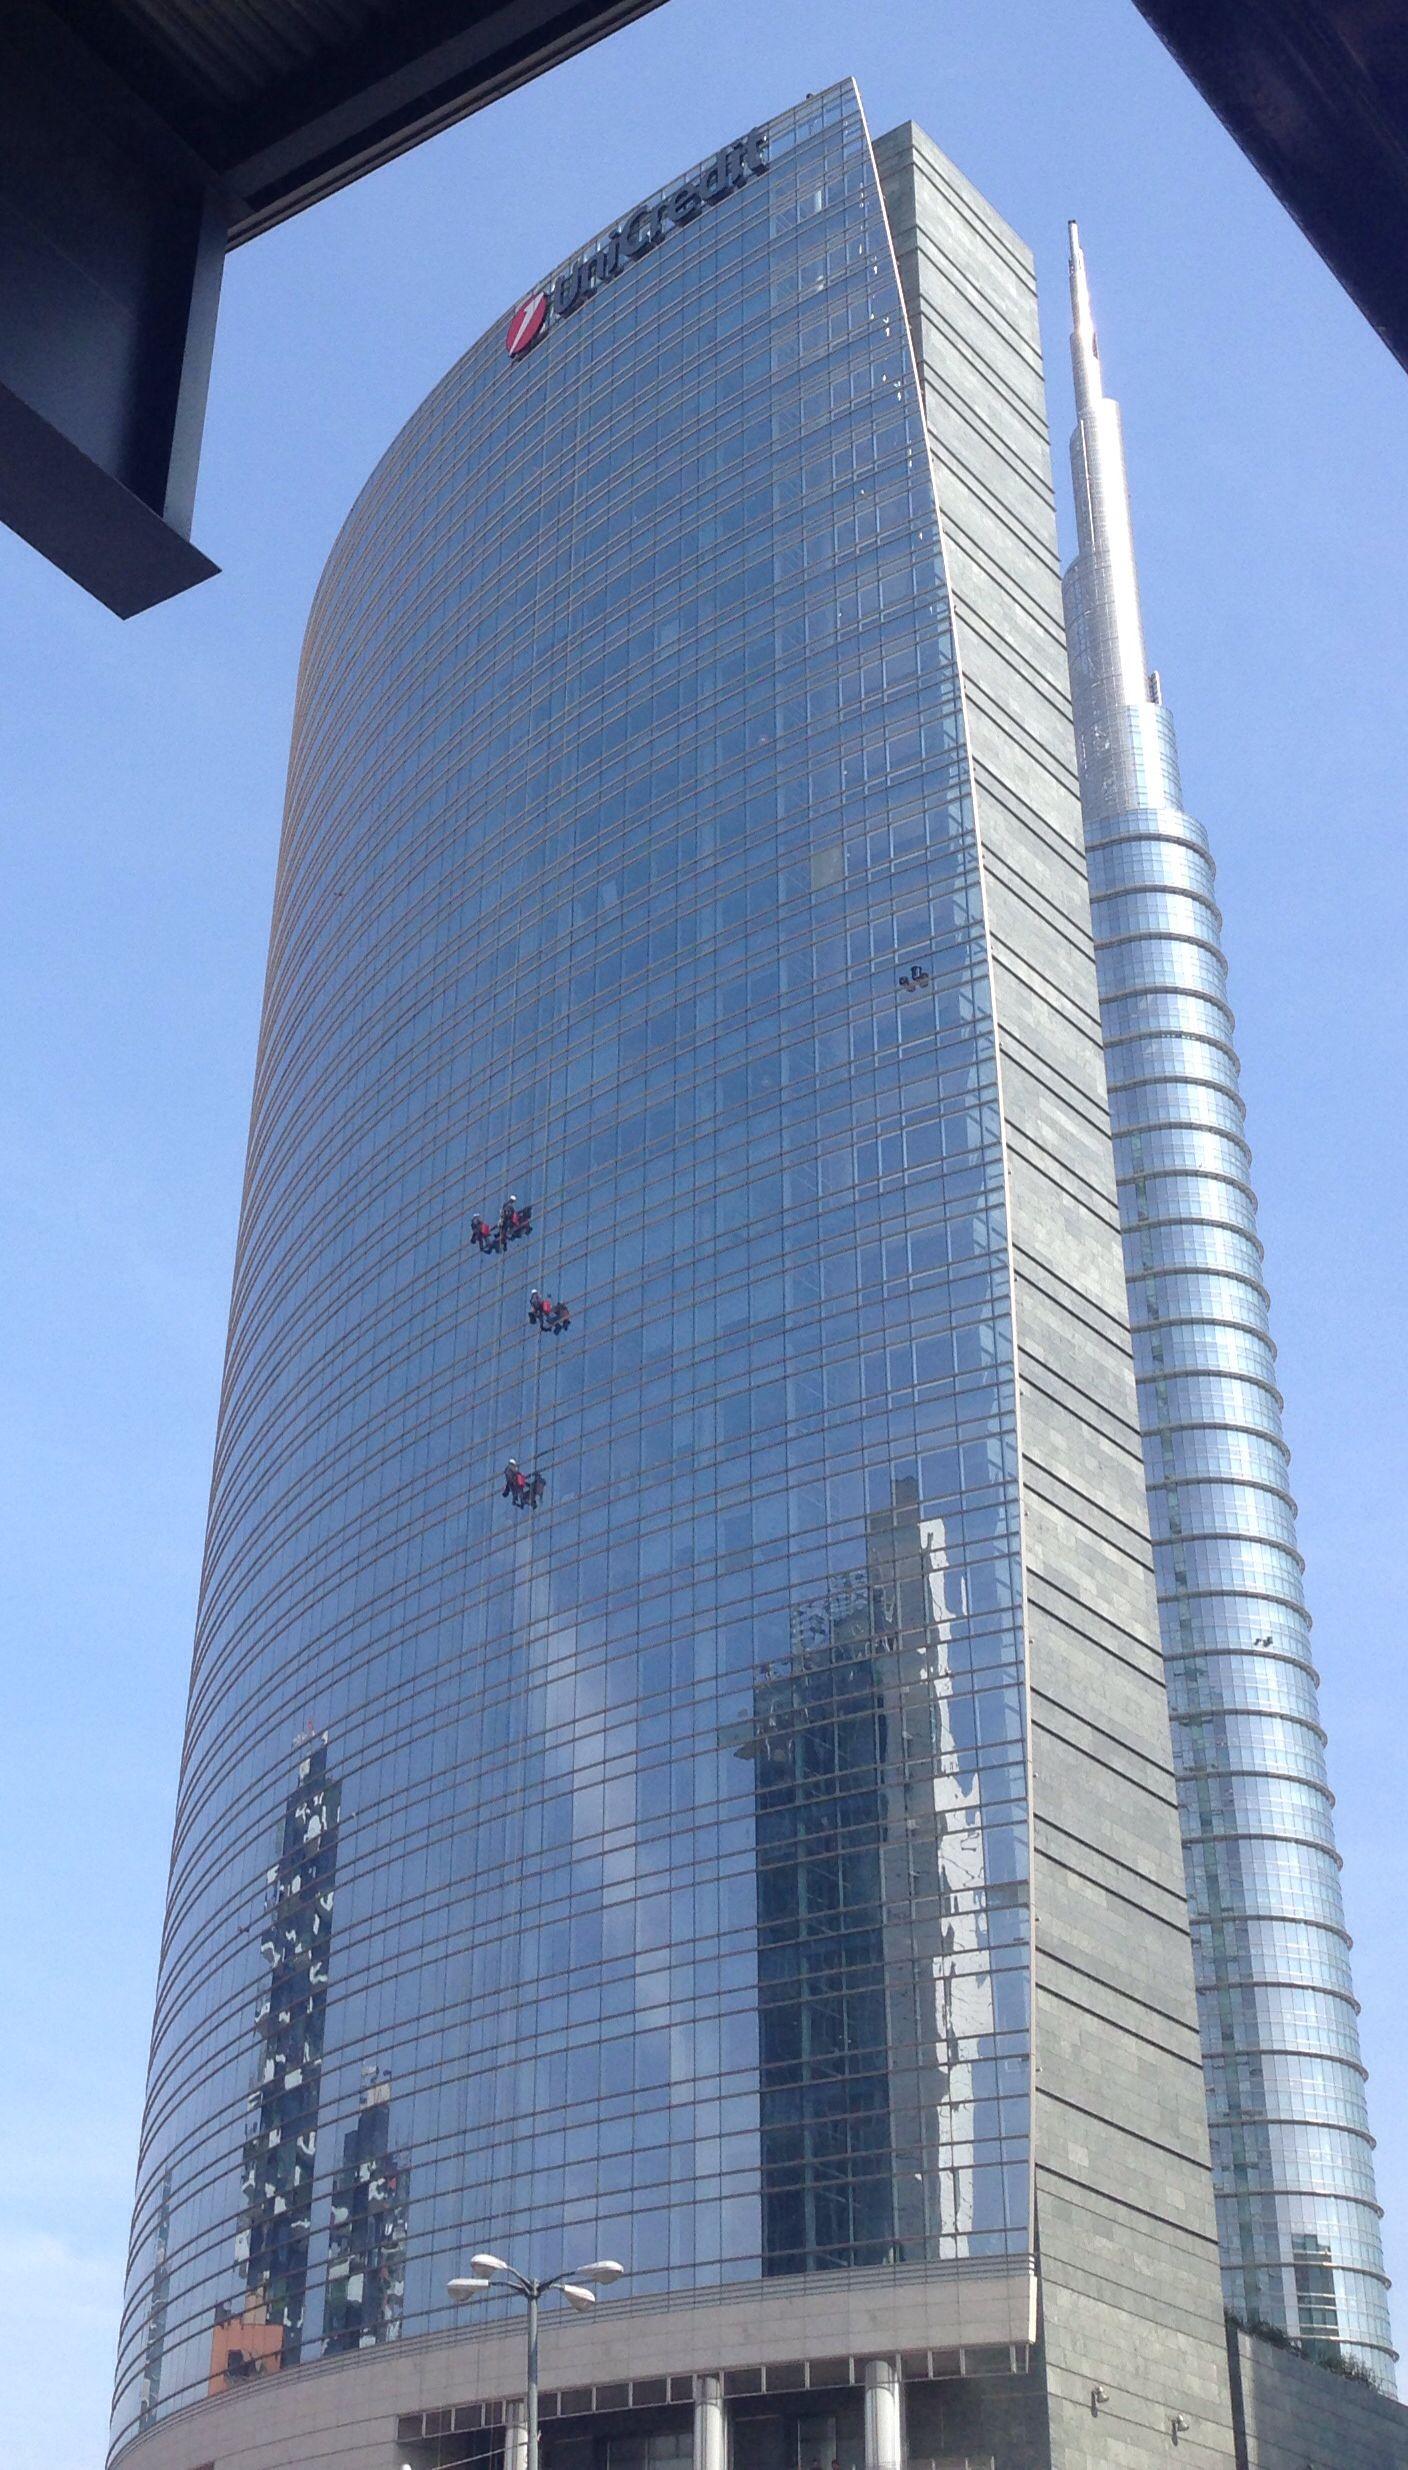 Pulizie di primavera sul grattacielo Unicredit!